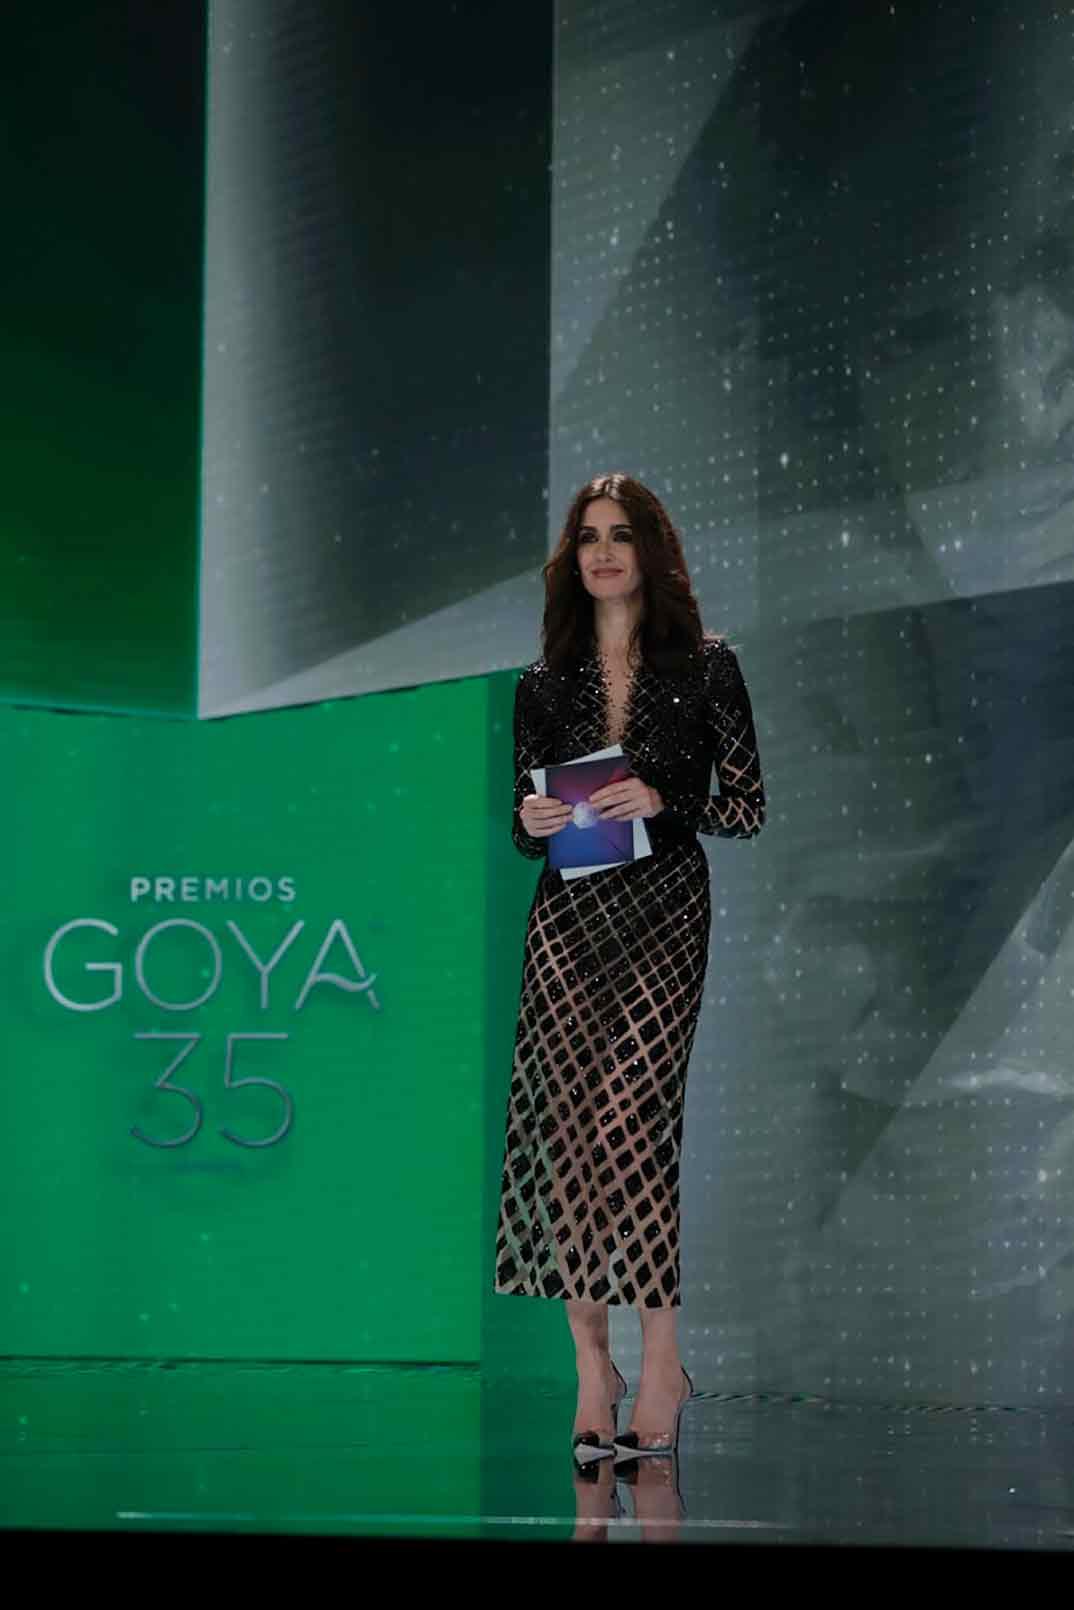 Paz Vega Premios Goya 2021 ©Miguel Córdoba – Cortesía de la Academia de Cine